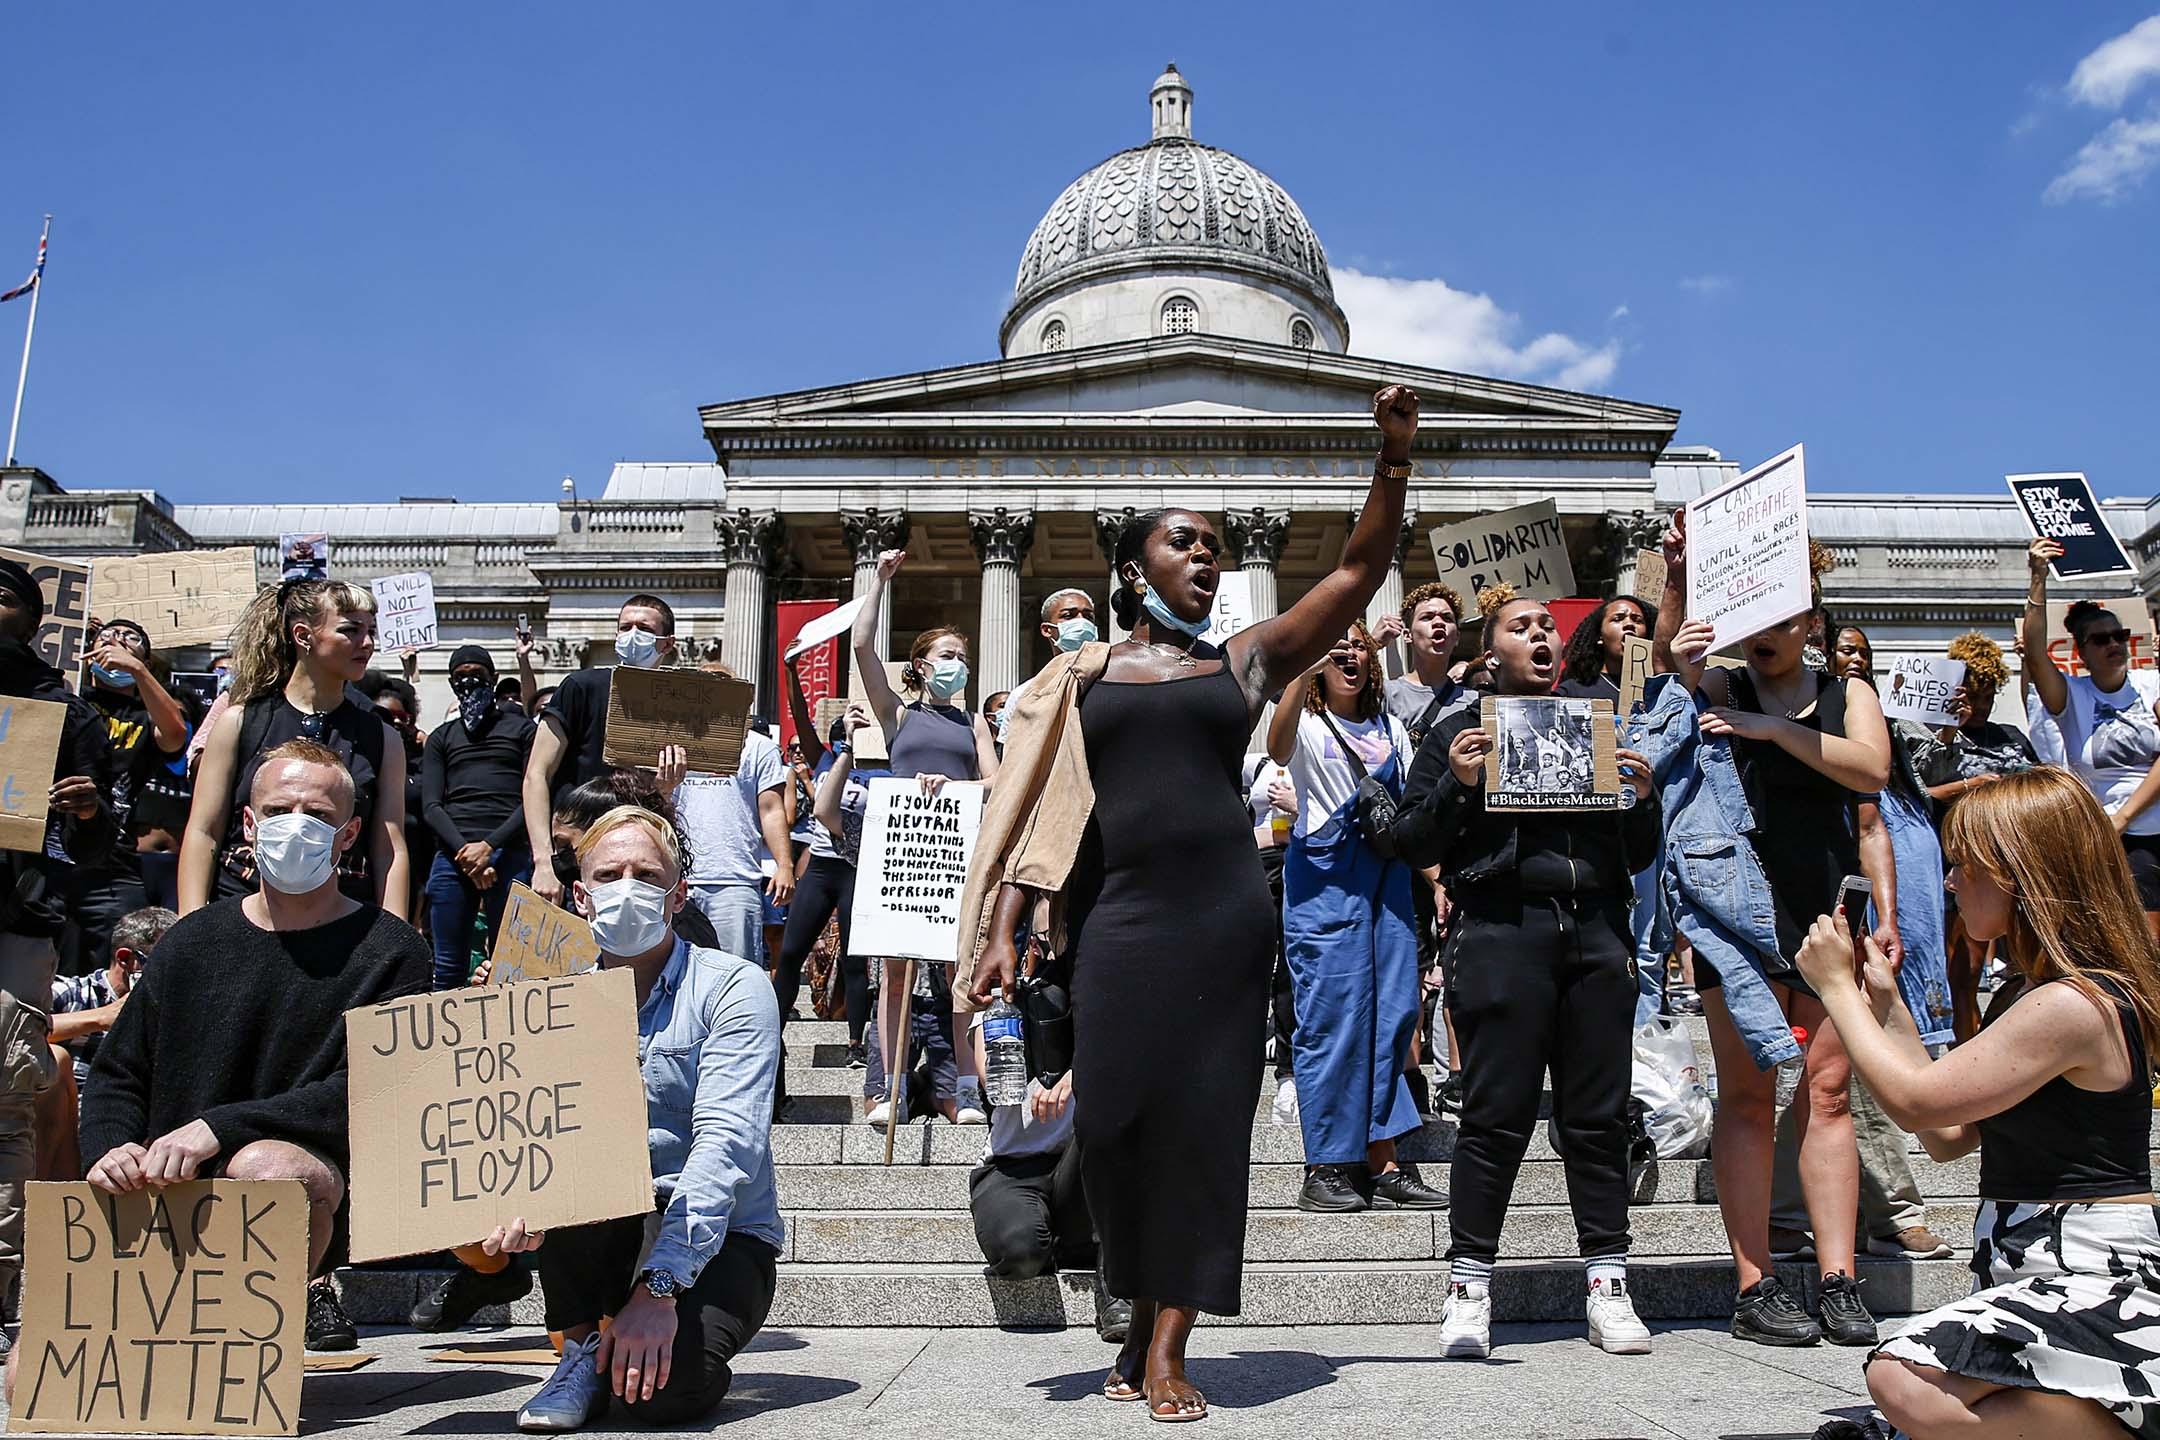 2020年5月31日英國倫敦,人們參加參加了在廣場的遊行,以抗議喬治弗洛伊德在明尼亞波里斯遇害。 攝:Hollie Adams/Getty Images